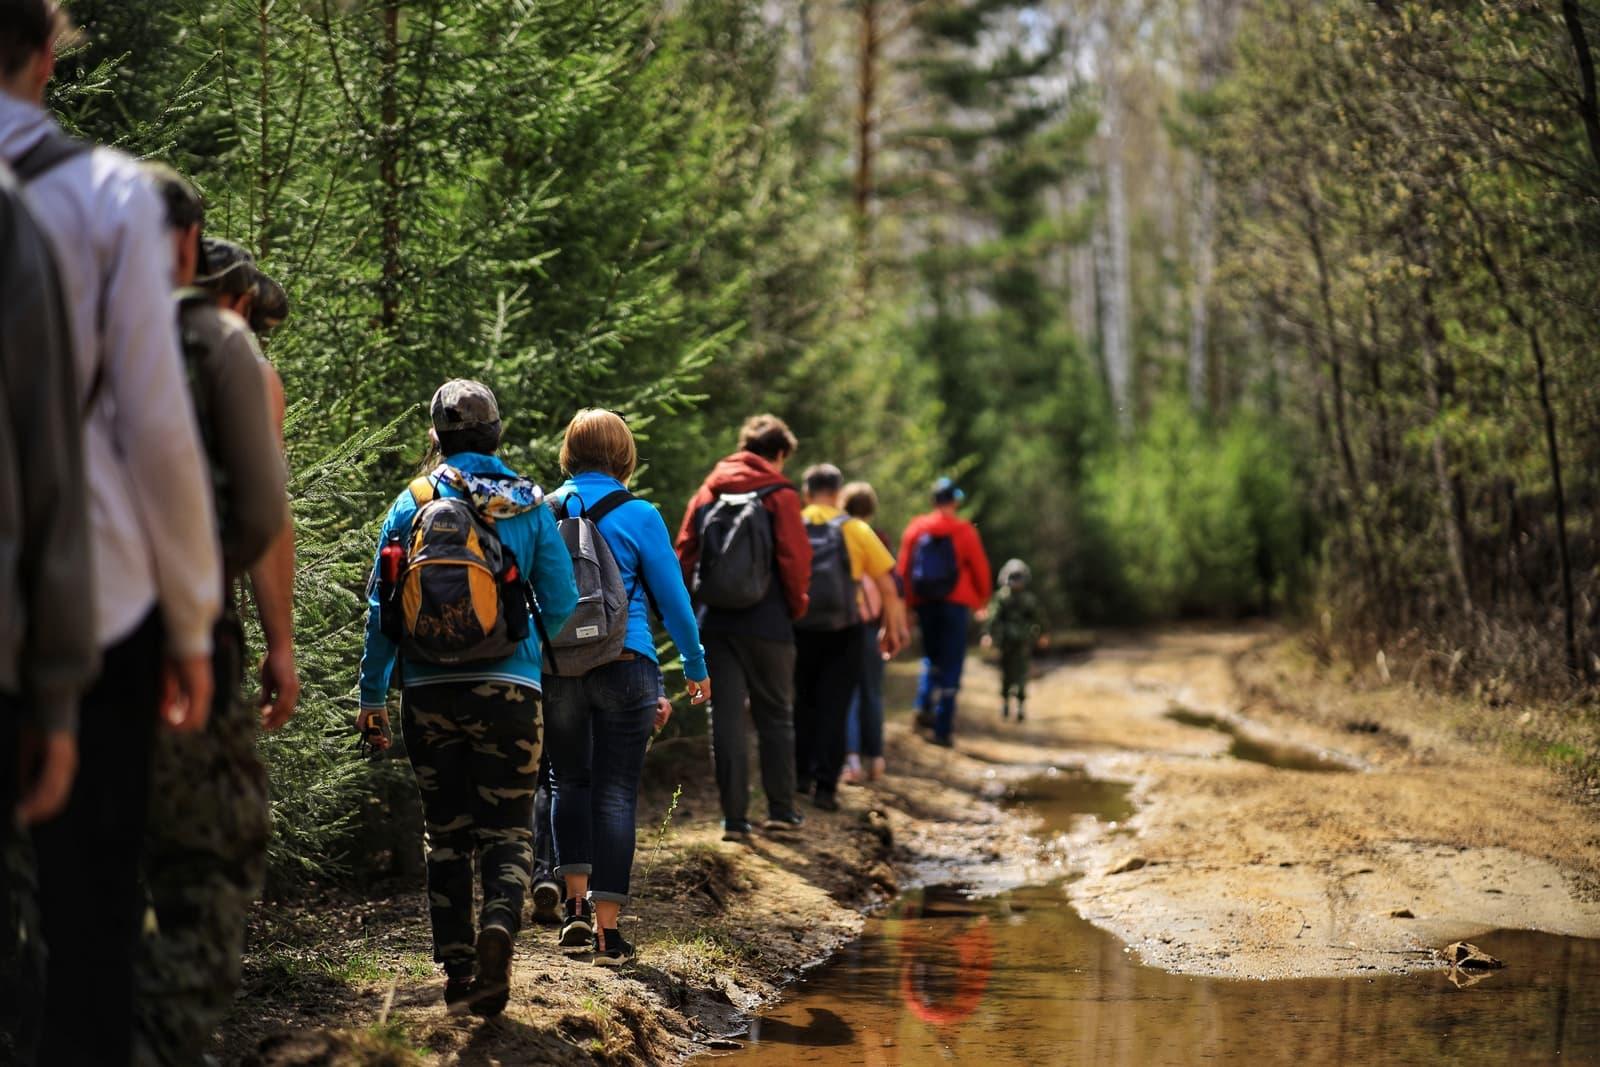 Туристы идут по тропе в лесу